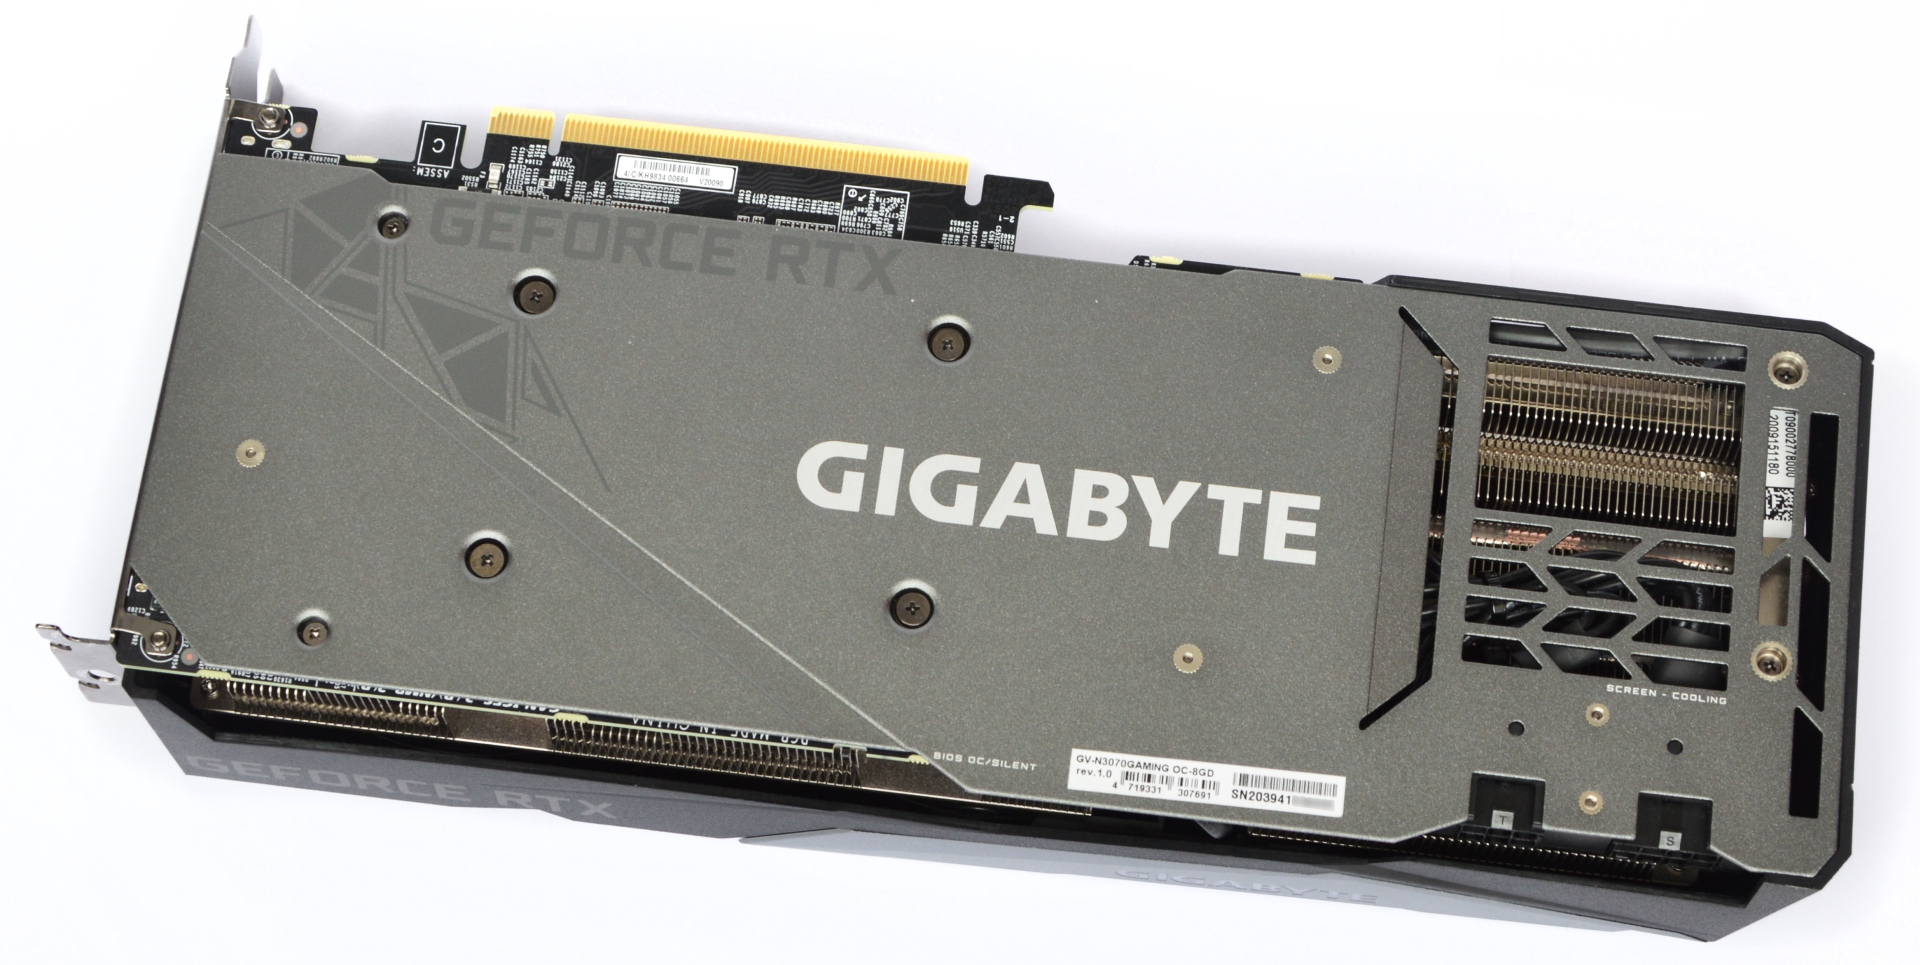 Группа хакеров взломала серверы Gigabyte и украла 112 Гбайт информации